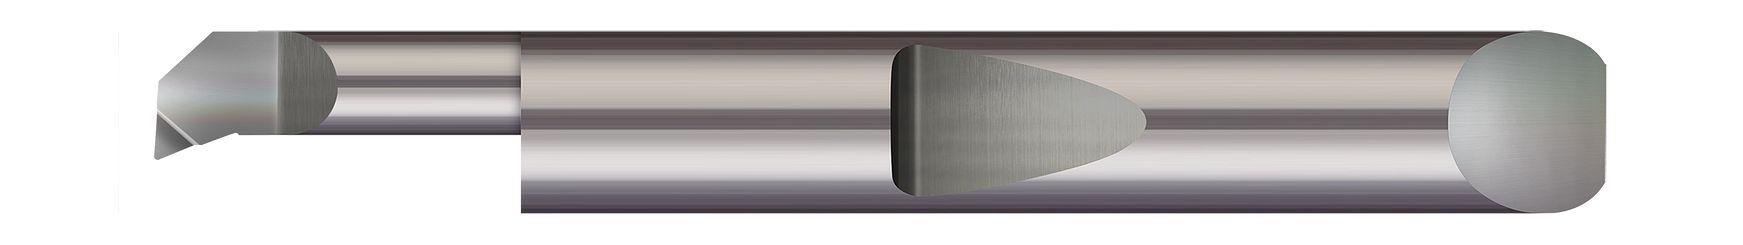 tool-details-QBT-050400